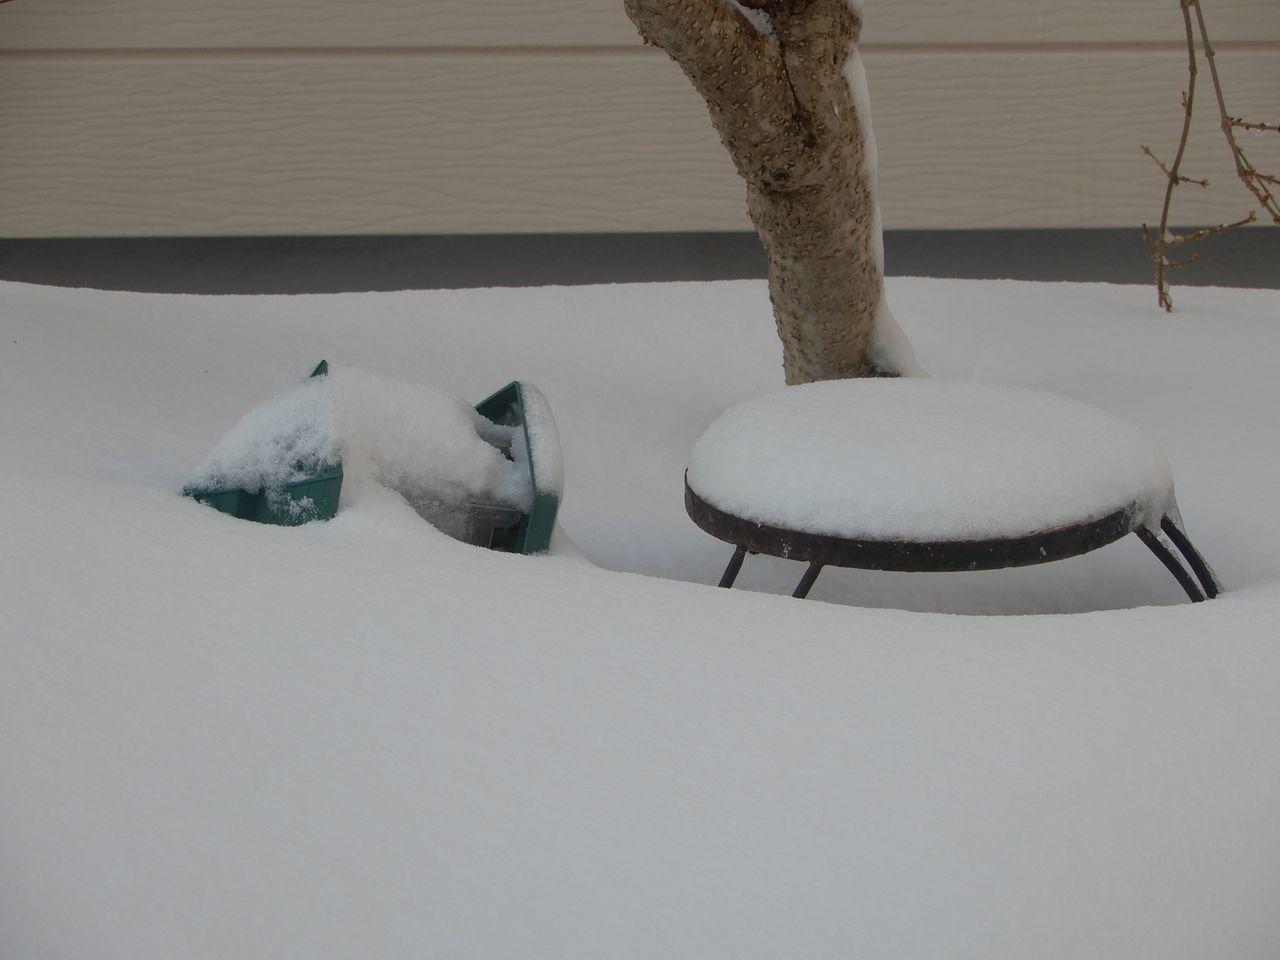 今朝までに降った雪はとけたのものの、夜になってからその倍の雪が積もりました_c0025115_23305867.jpg